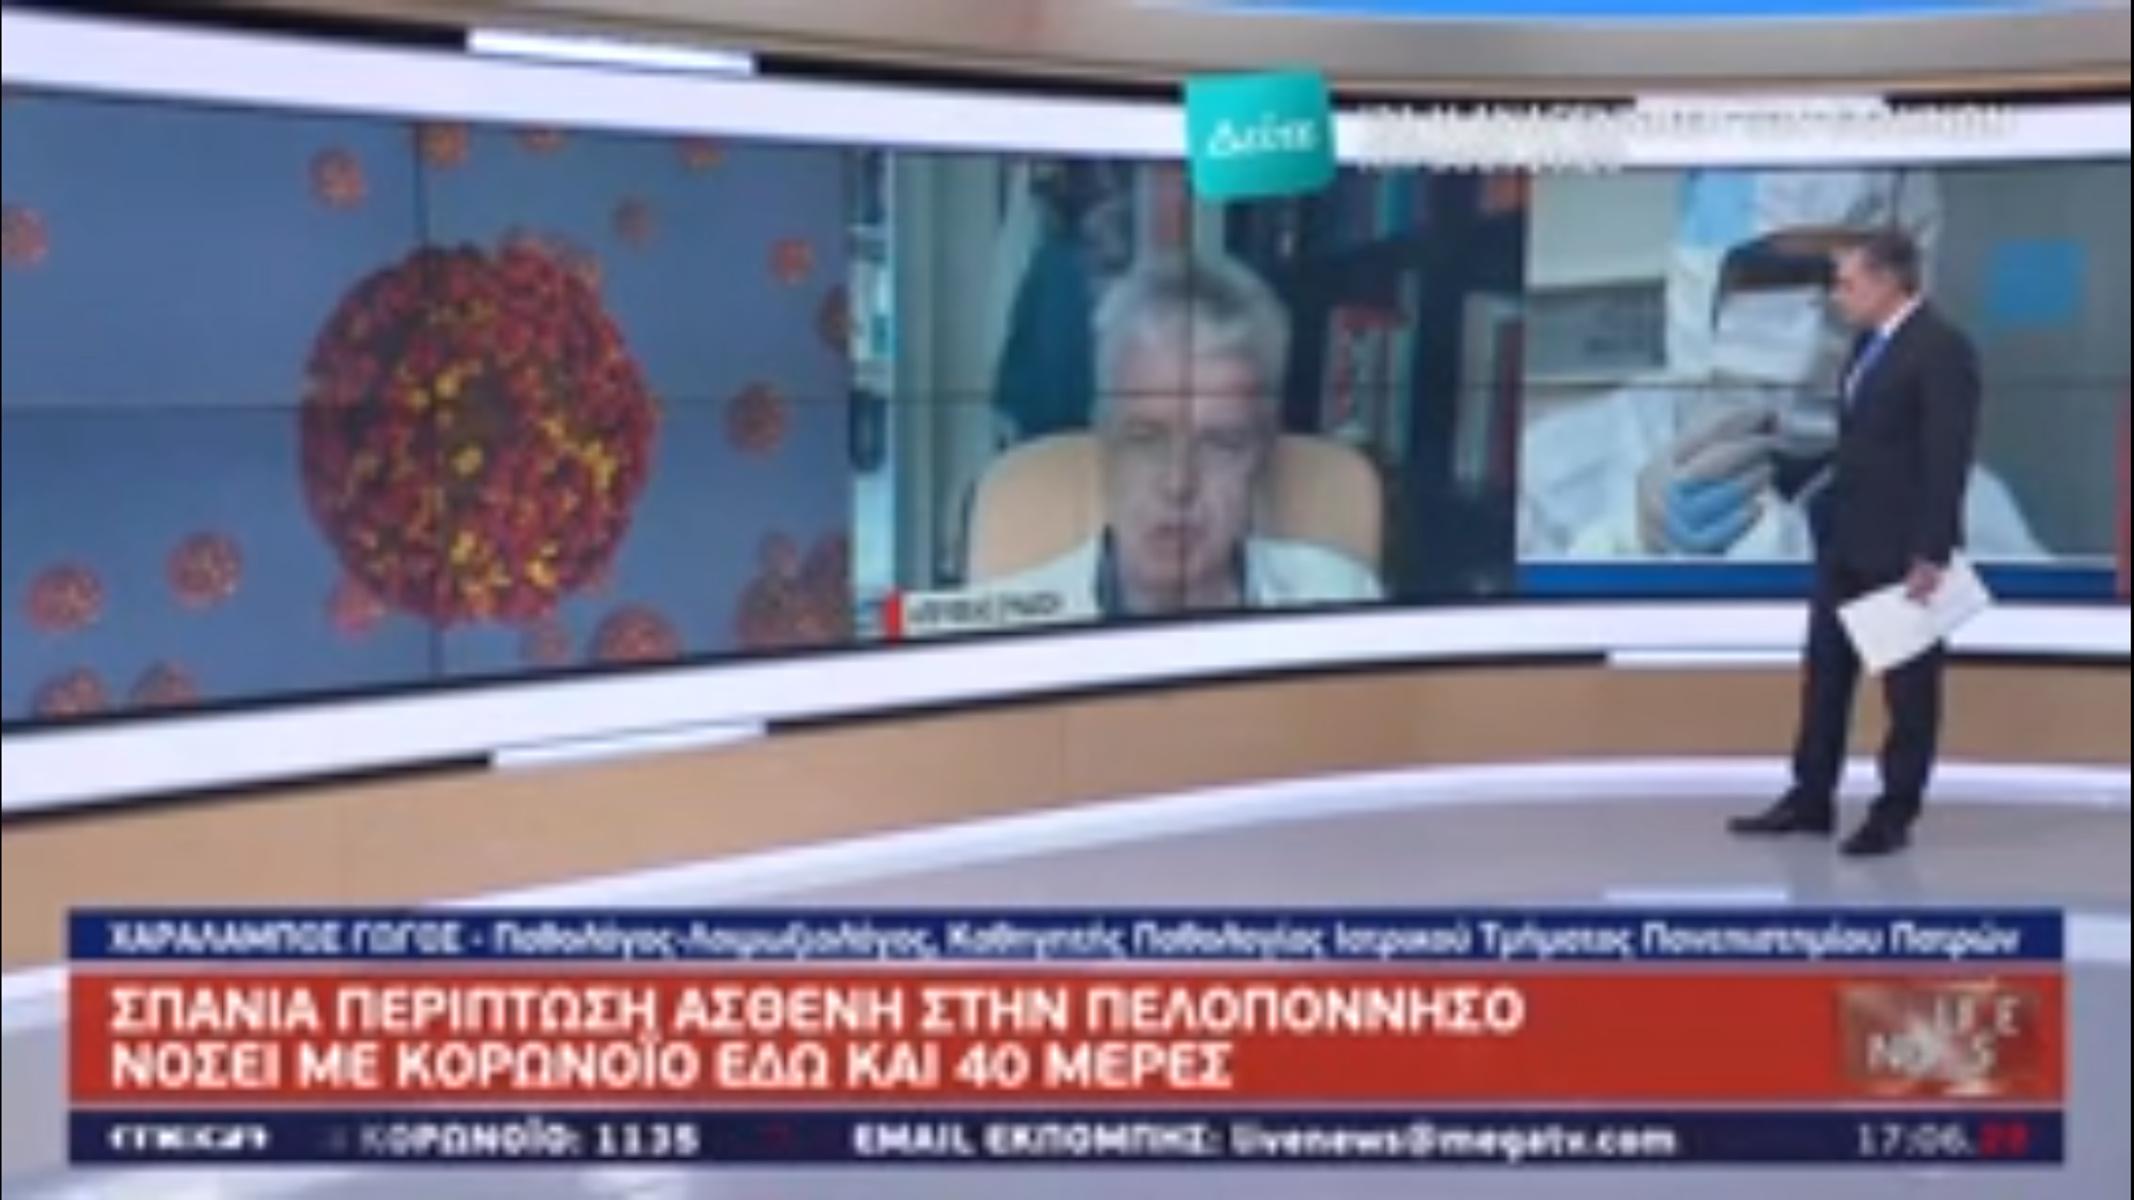 Έλληνας νοσεί 40 μέρες από κορονοϊό χωρίς συμπτώματα – Θετικά τέσσερα τεστ